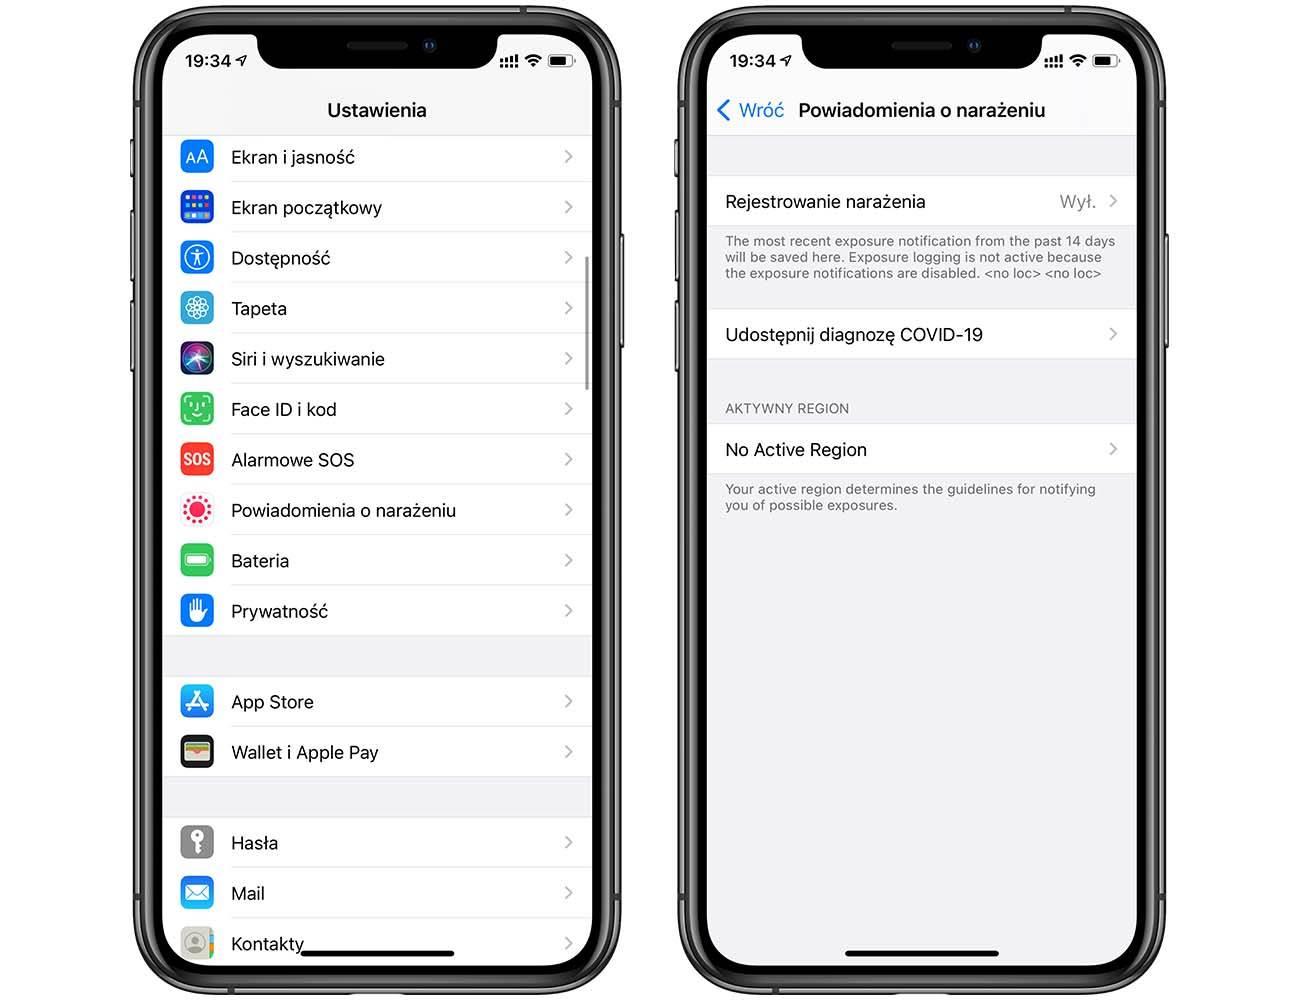 iOS 14 beta 4 dostępna do pobrania - lista zmian polecane, ciekawostki zmiany, Update, nowosci w iOS 14 beta 4, nowosci, lista zmian, iOS 14 beta 4, iOS 14 beta, co nowego w iOS 14 beta 4, co nowego, Apple, Aktualizacja  Od czasu wypuszczenia trzeciej bety iOS 14 minęły dwa tygodnie, więc zgodnie z tradycją Apple udostępniło deweloperom czwartą betę iOS 14. Lista zmian i nowości w iOS 14 beta 4 poniżej. iOS14 1